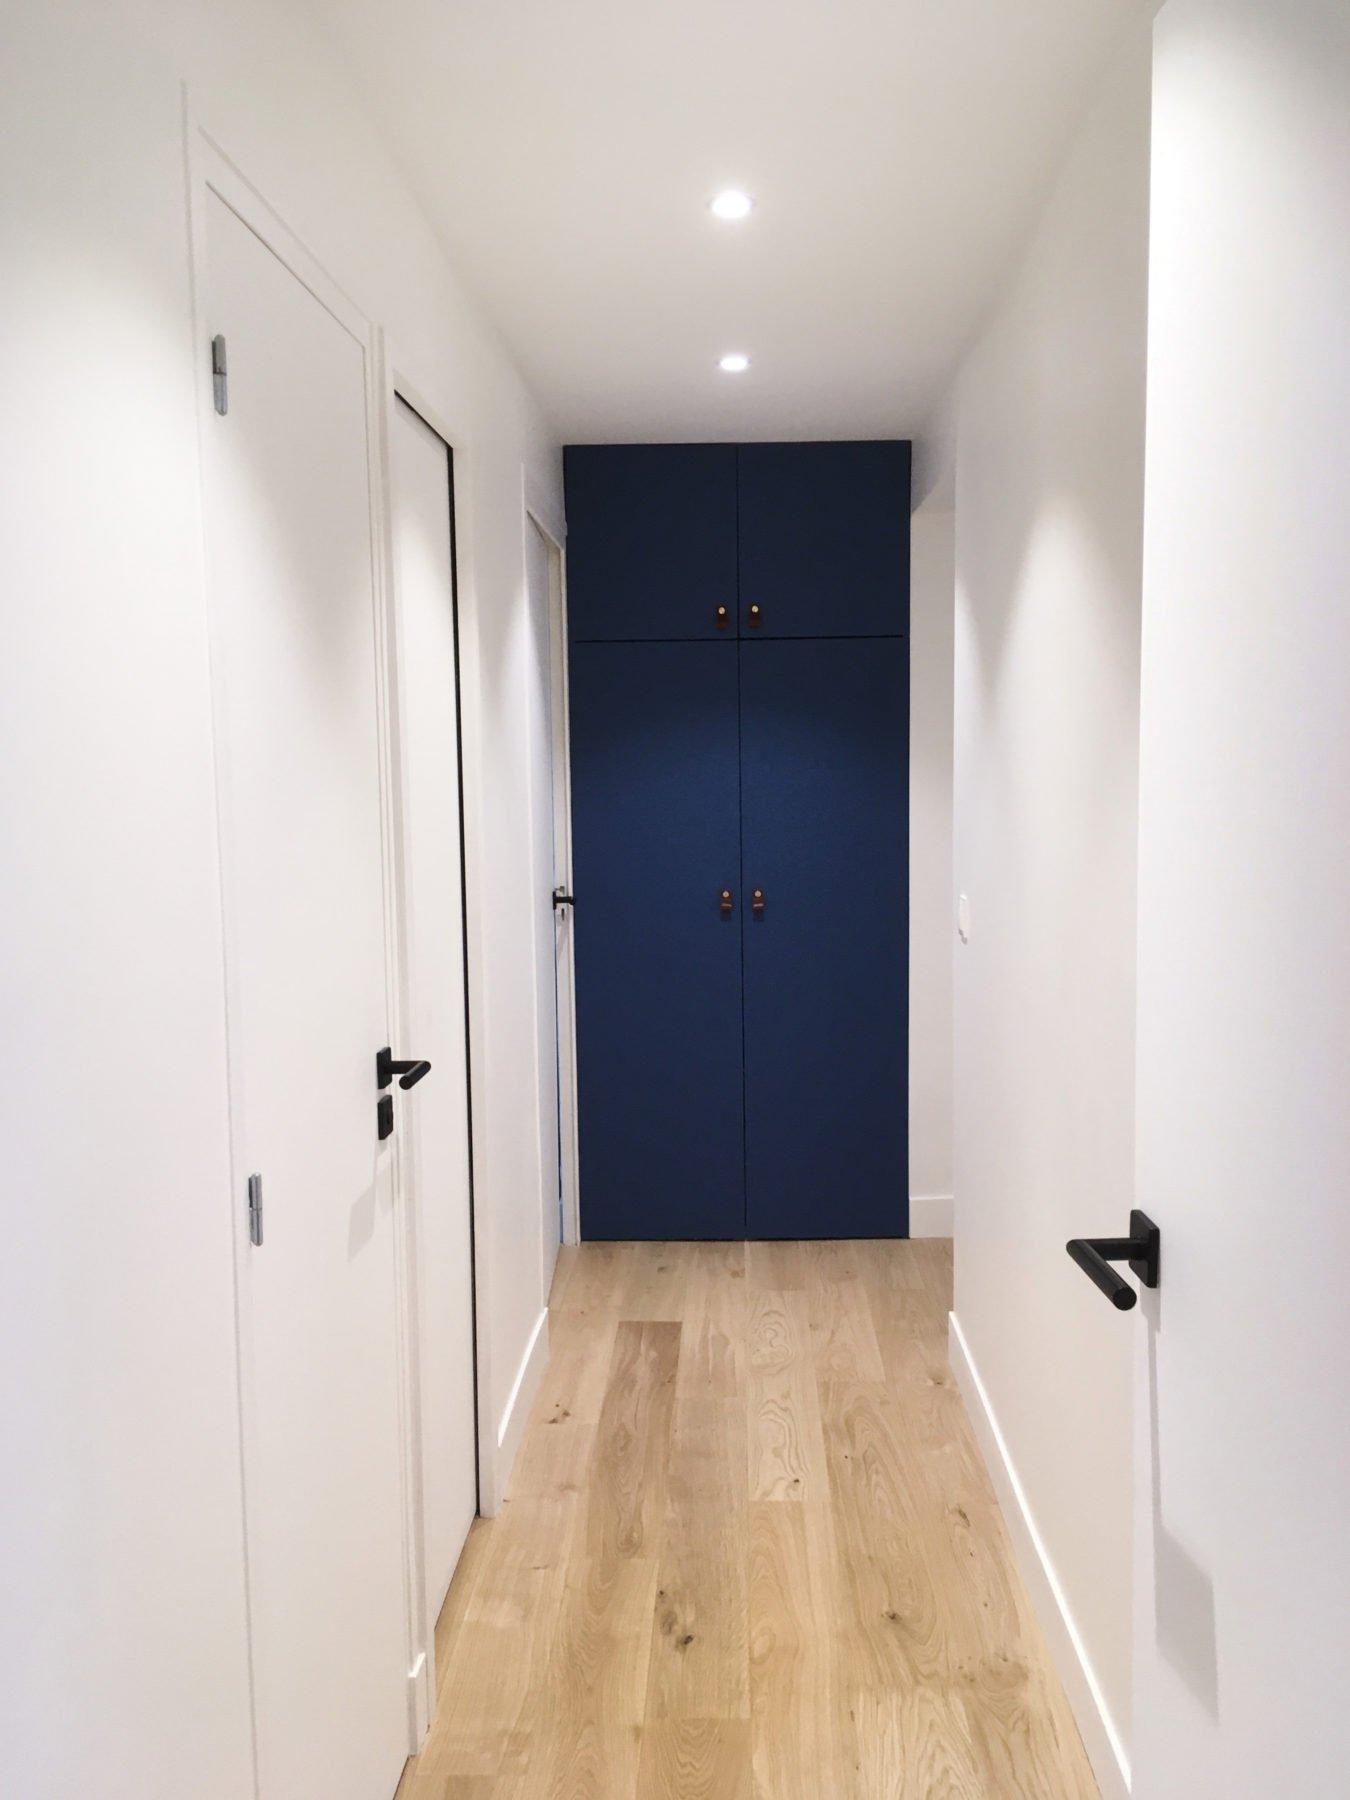 Anouck Charbonnier - Aménagement intérieur de l'entrée pour le projet Henry Bordeaux à Annecy